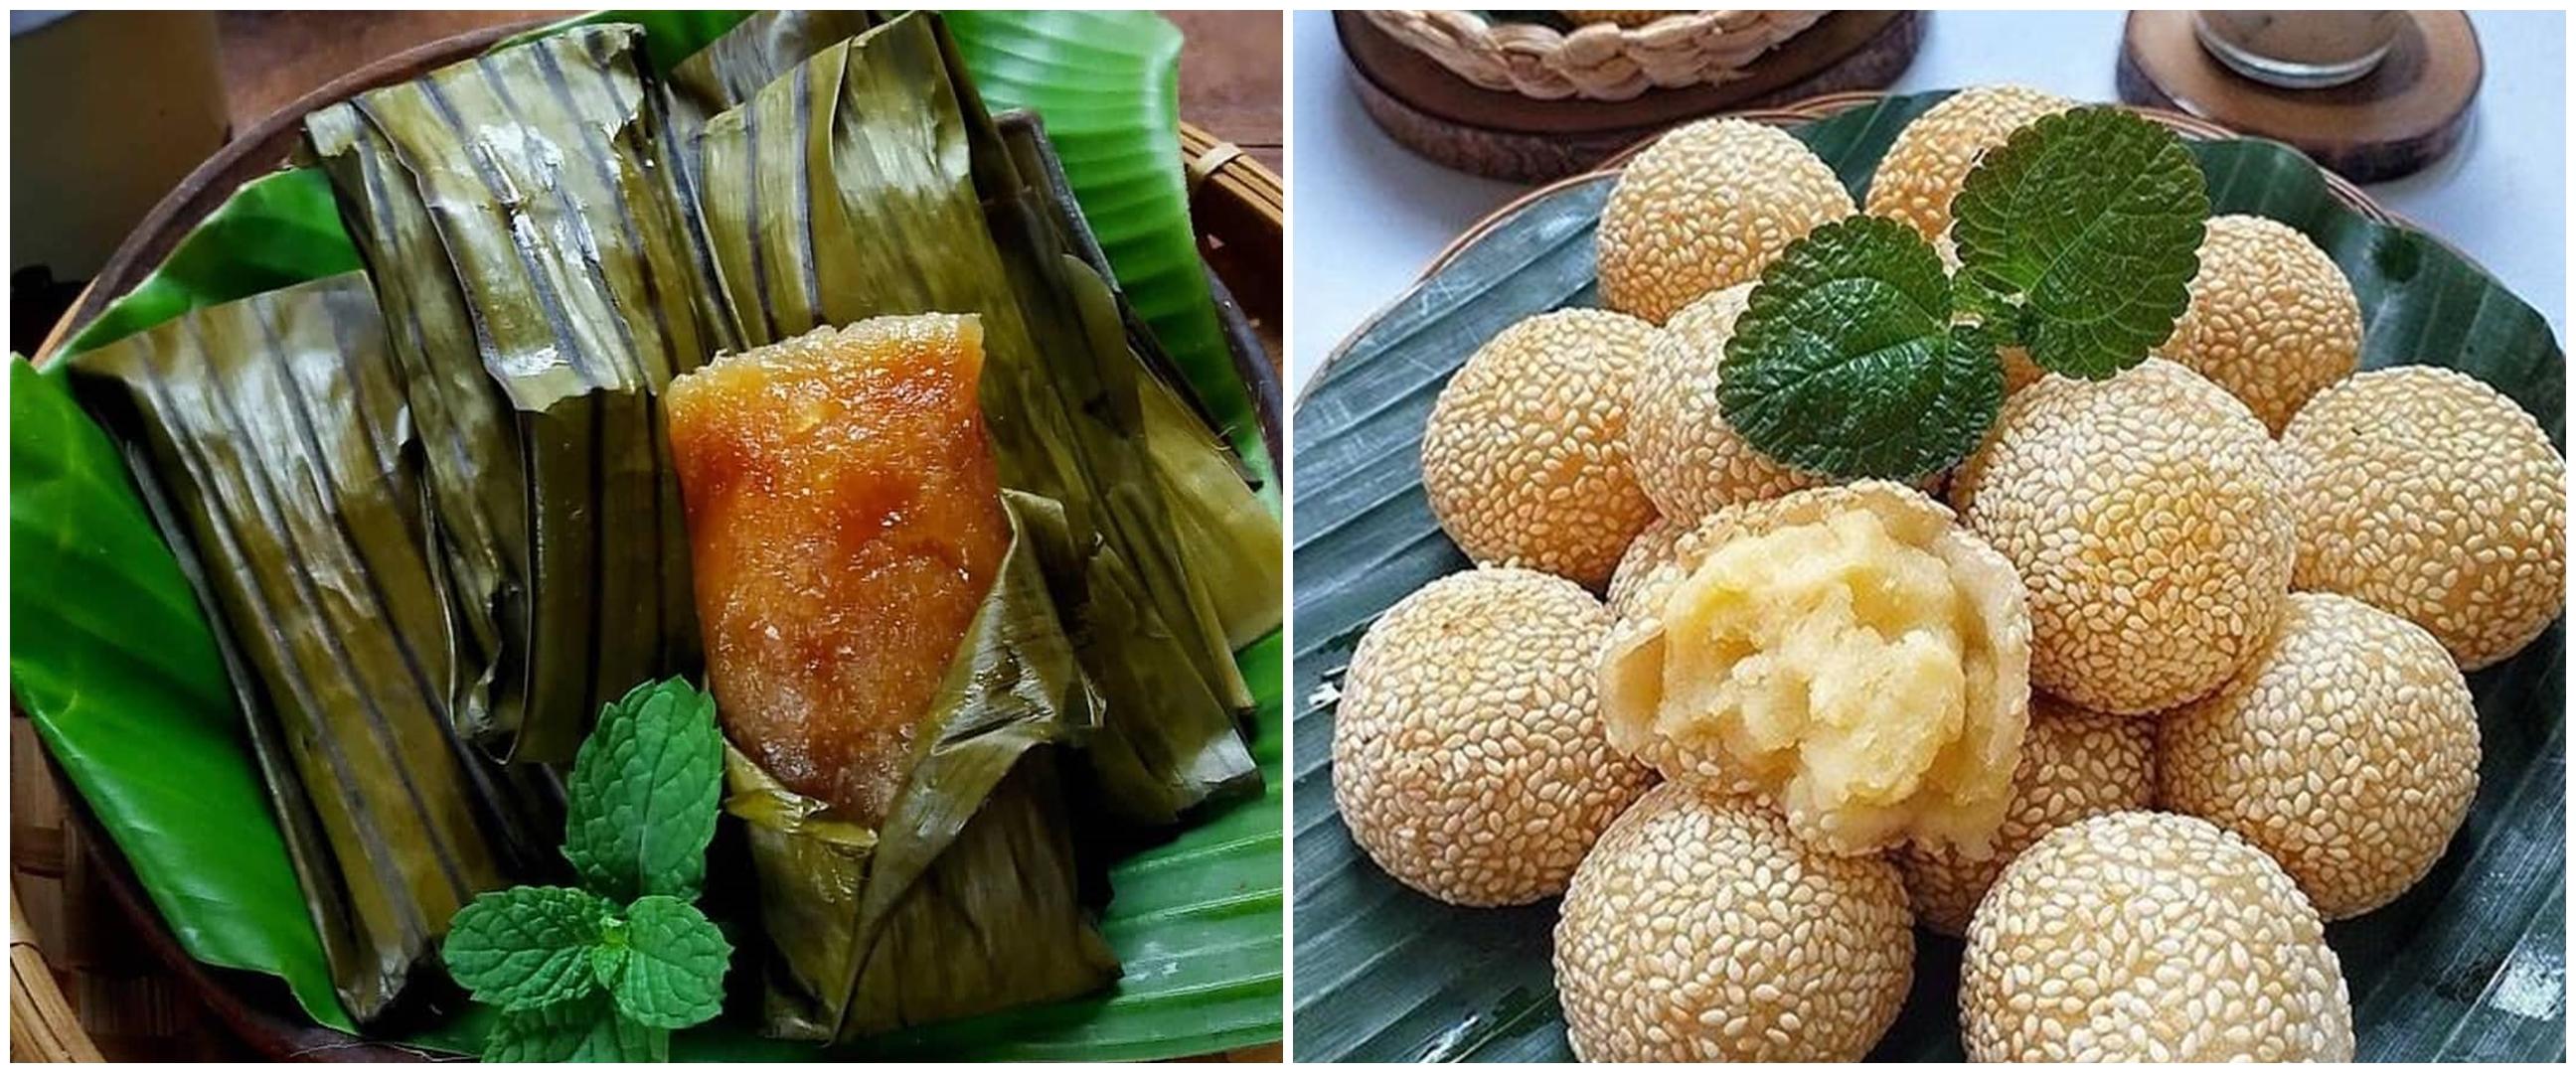 15 Resep kue basah tradisonal yang terkenal, mudah dan praktis